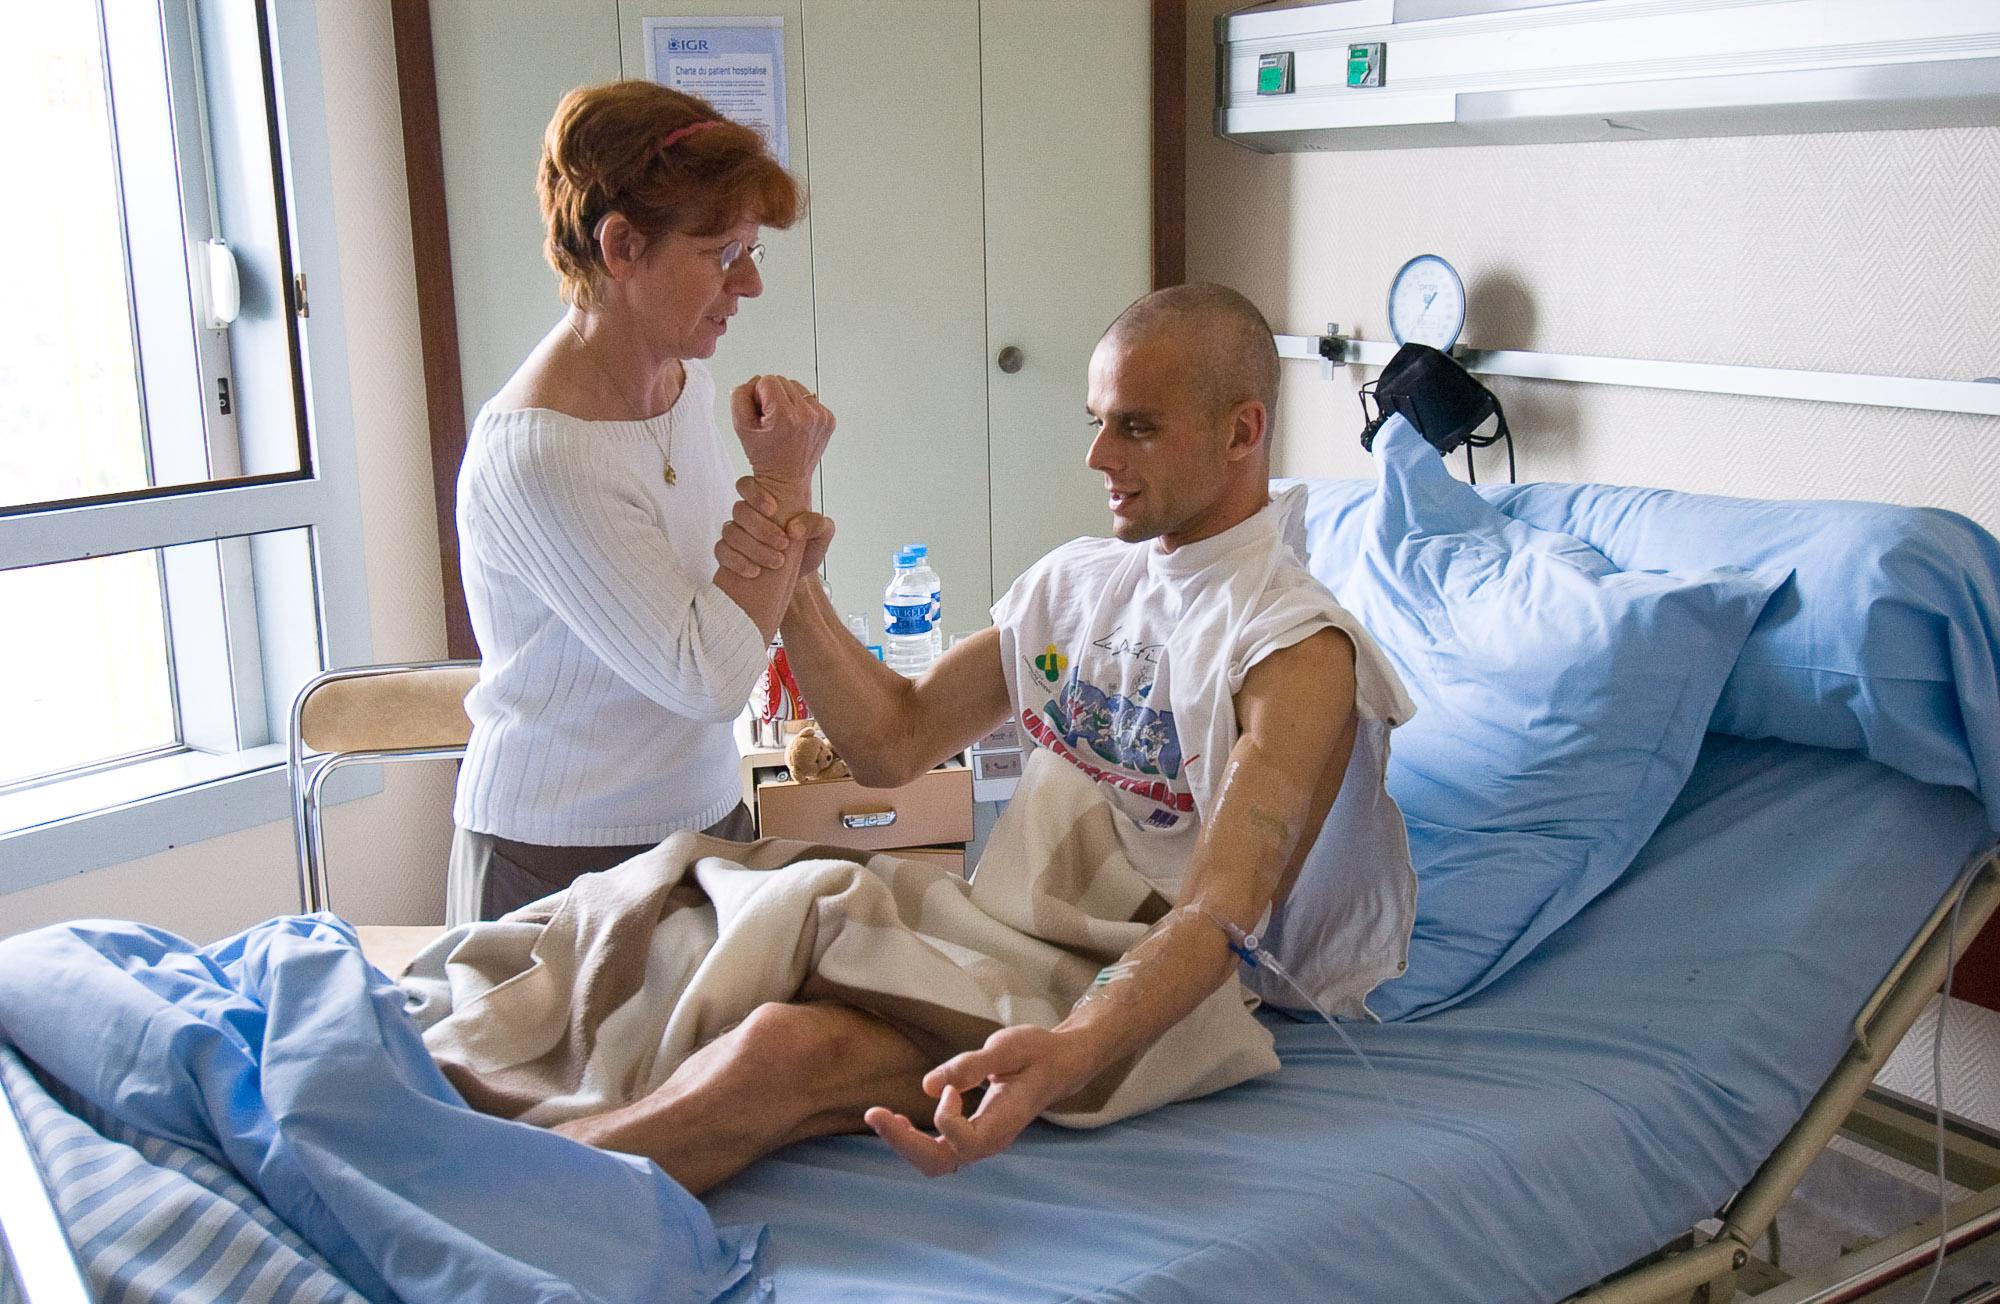 Chronique d'un cancer. Institut Gustave Roussy. Grégory et sa maman Claudine ont mis une technique au point afin qu'il puisse se redresser sans utiliser ses abdominaux.  Chaque sollicitation de ces derniers  accentue la pression et la douleur dans le torse.